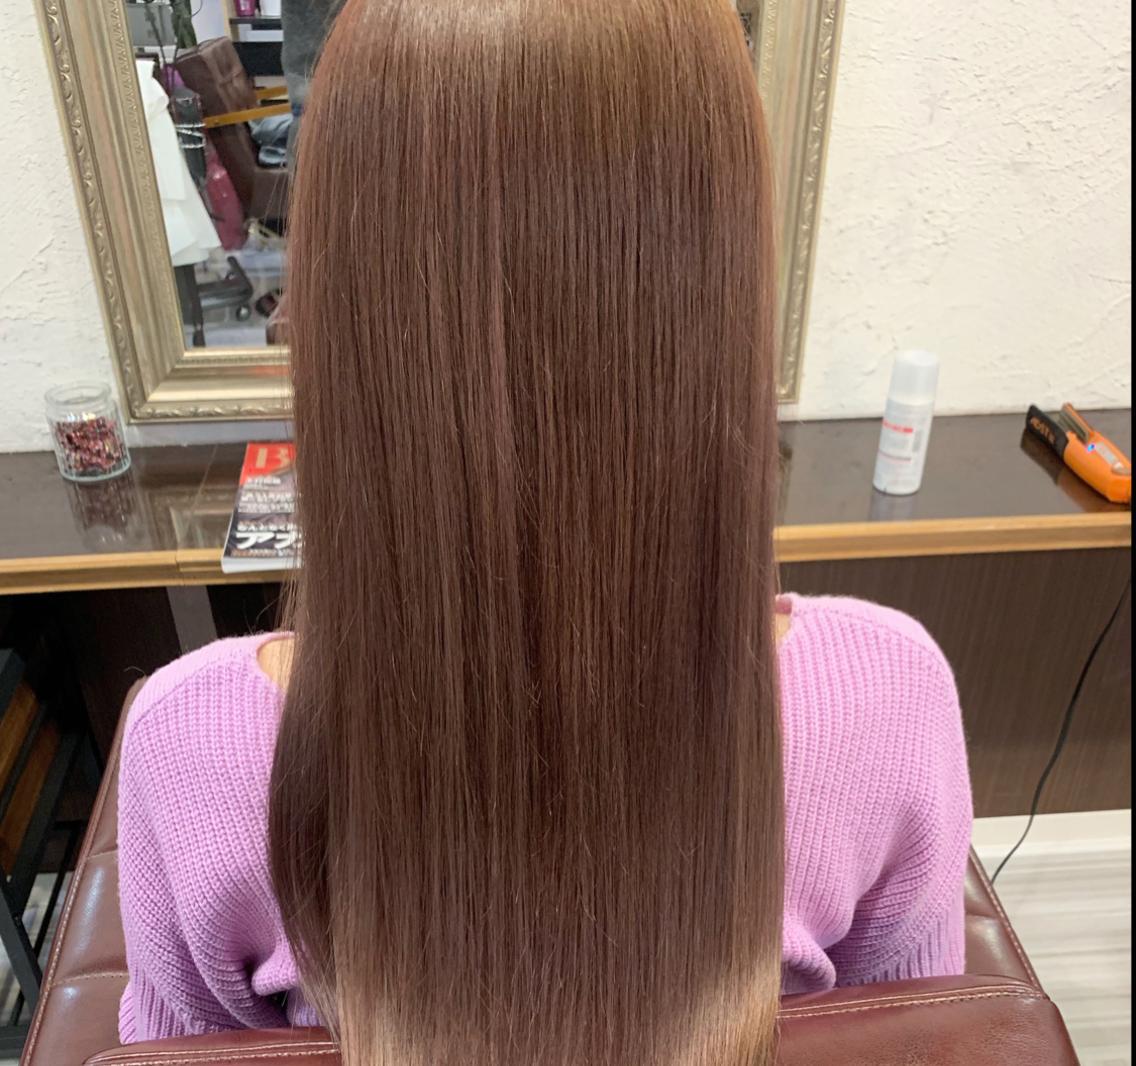 【西武新宿線】【上石神井】【徒歩0分】☆minimo特別価格☆ JHCMA認定ヘアケアマイスターによるダメージレス施術で、美髪を手に入れましょう☆